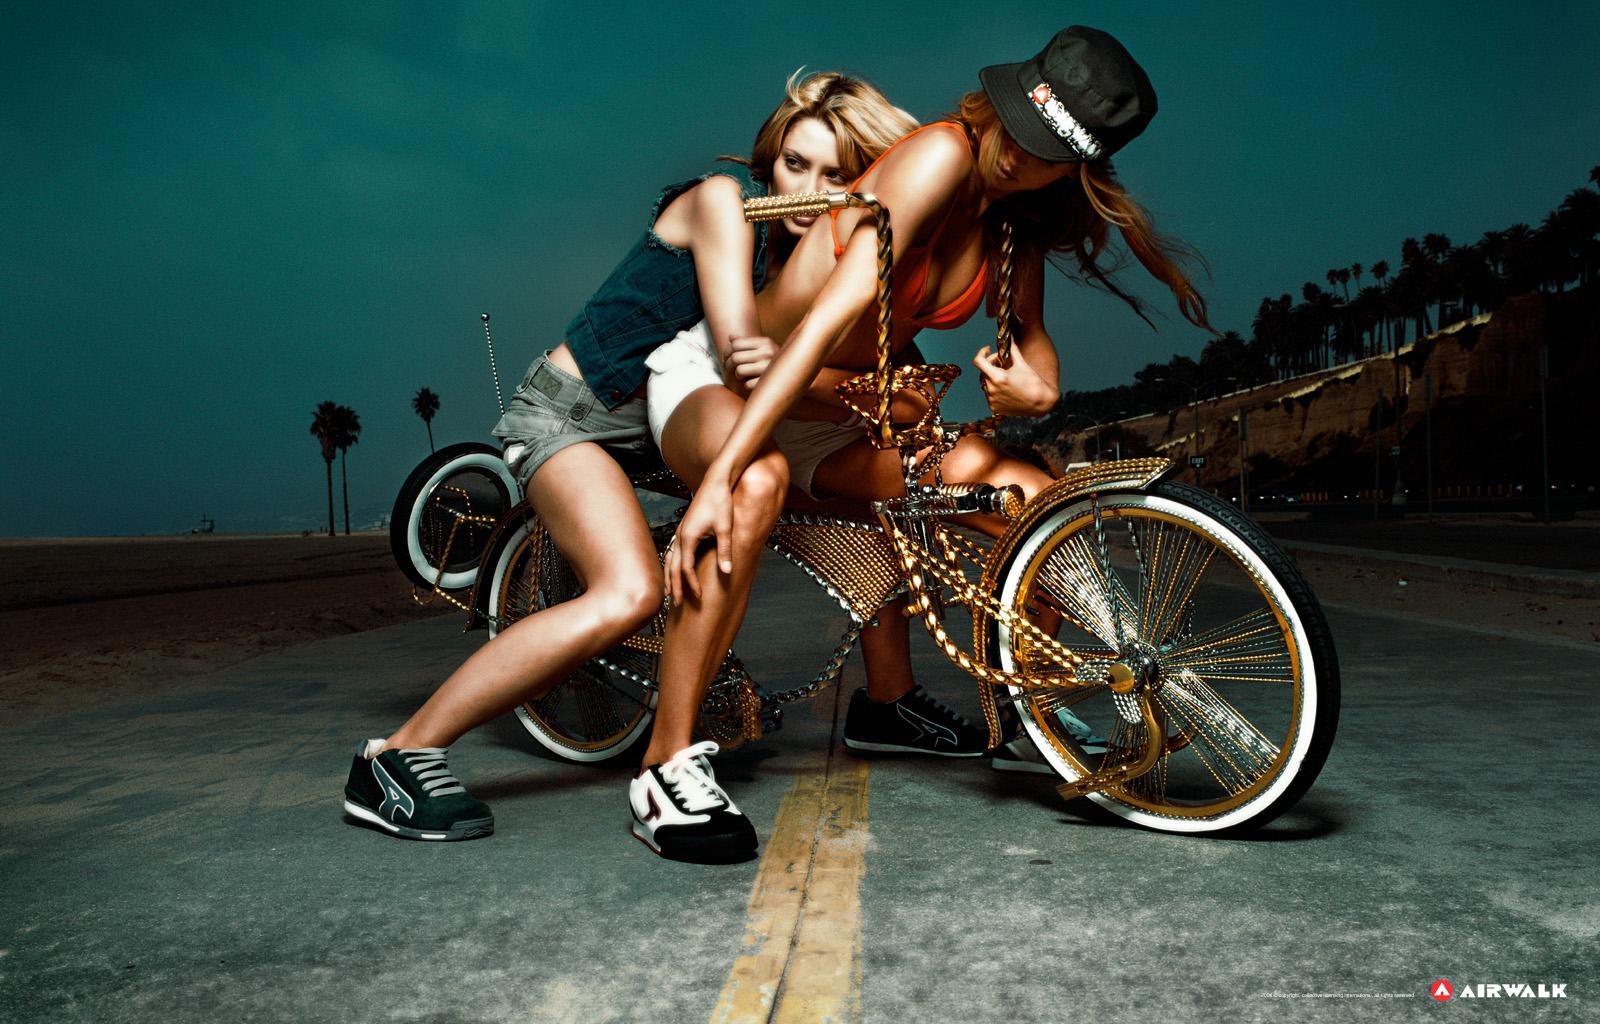 Девушки, велосиед, обои для рабочего стола